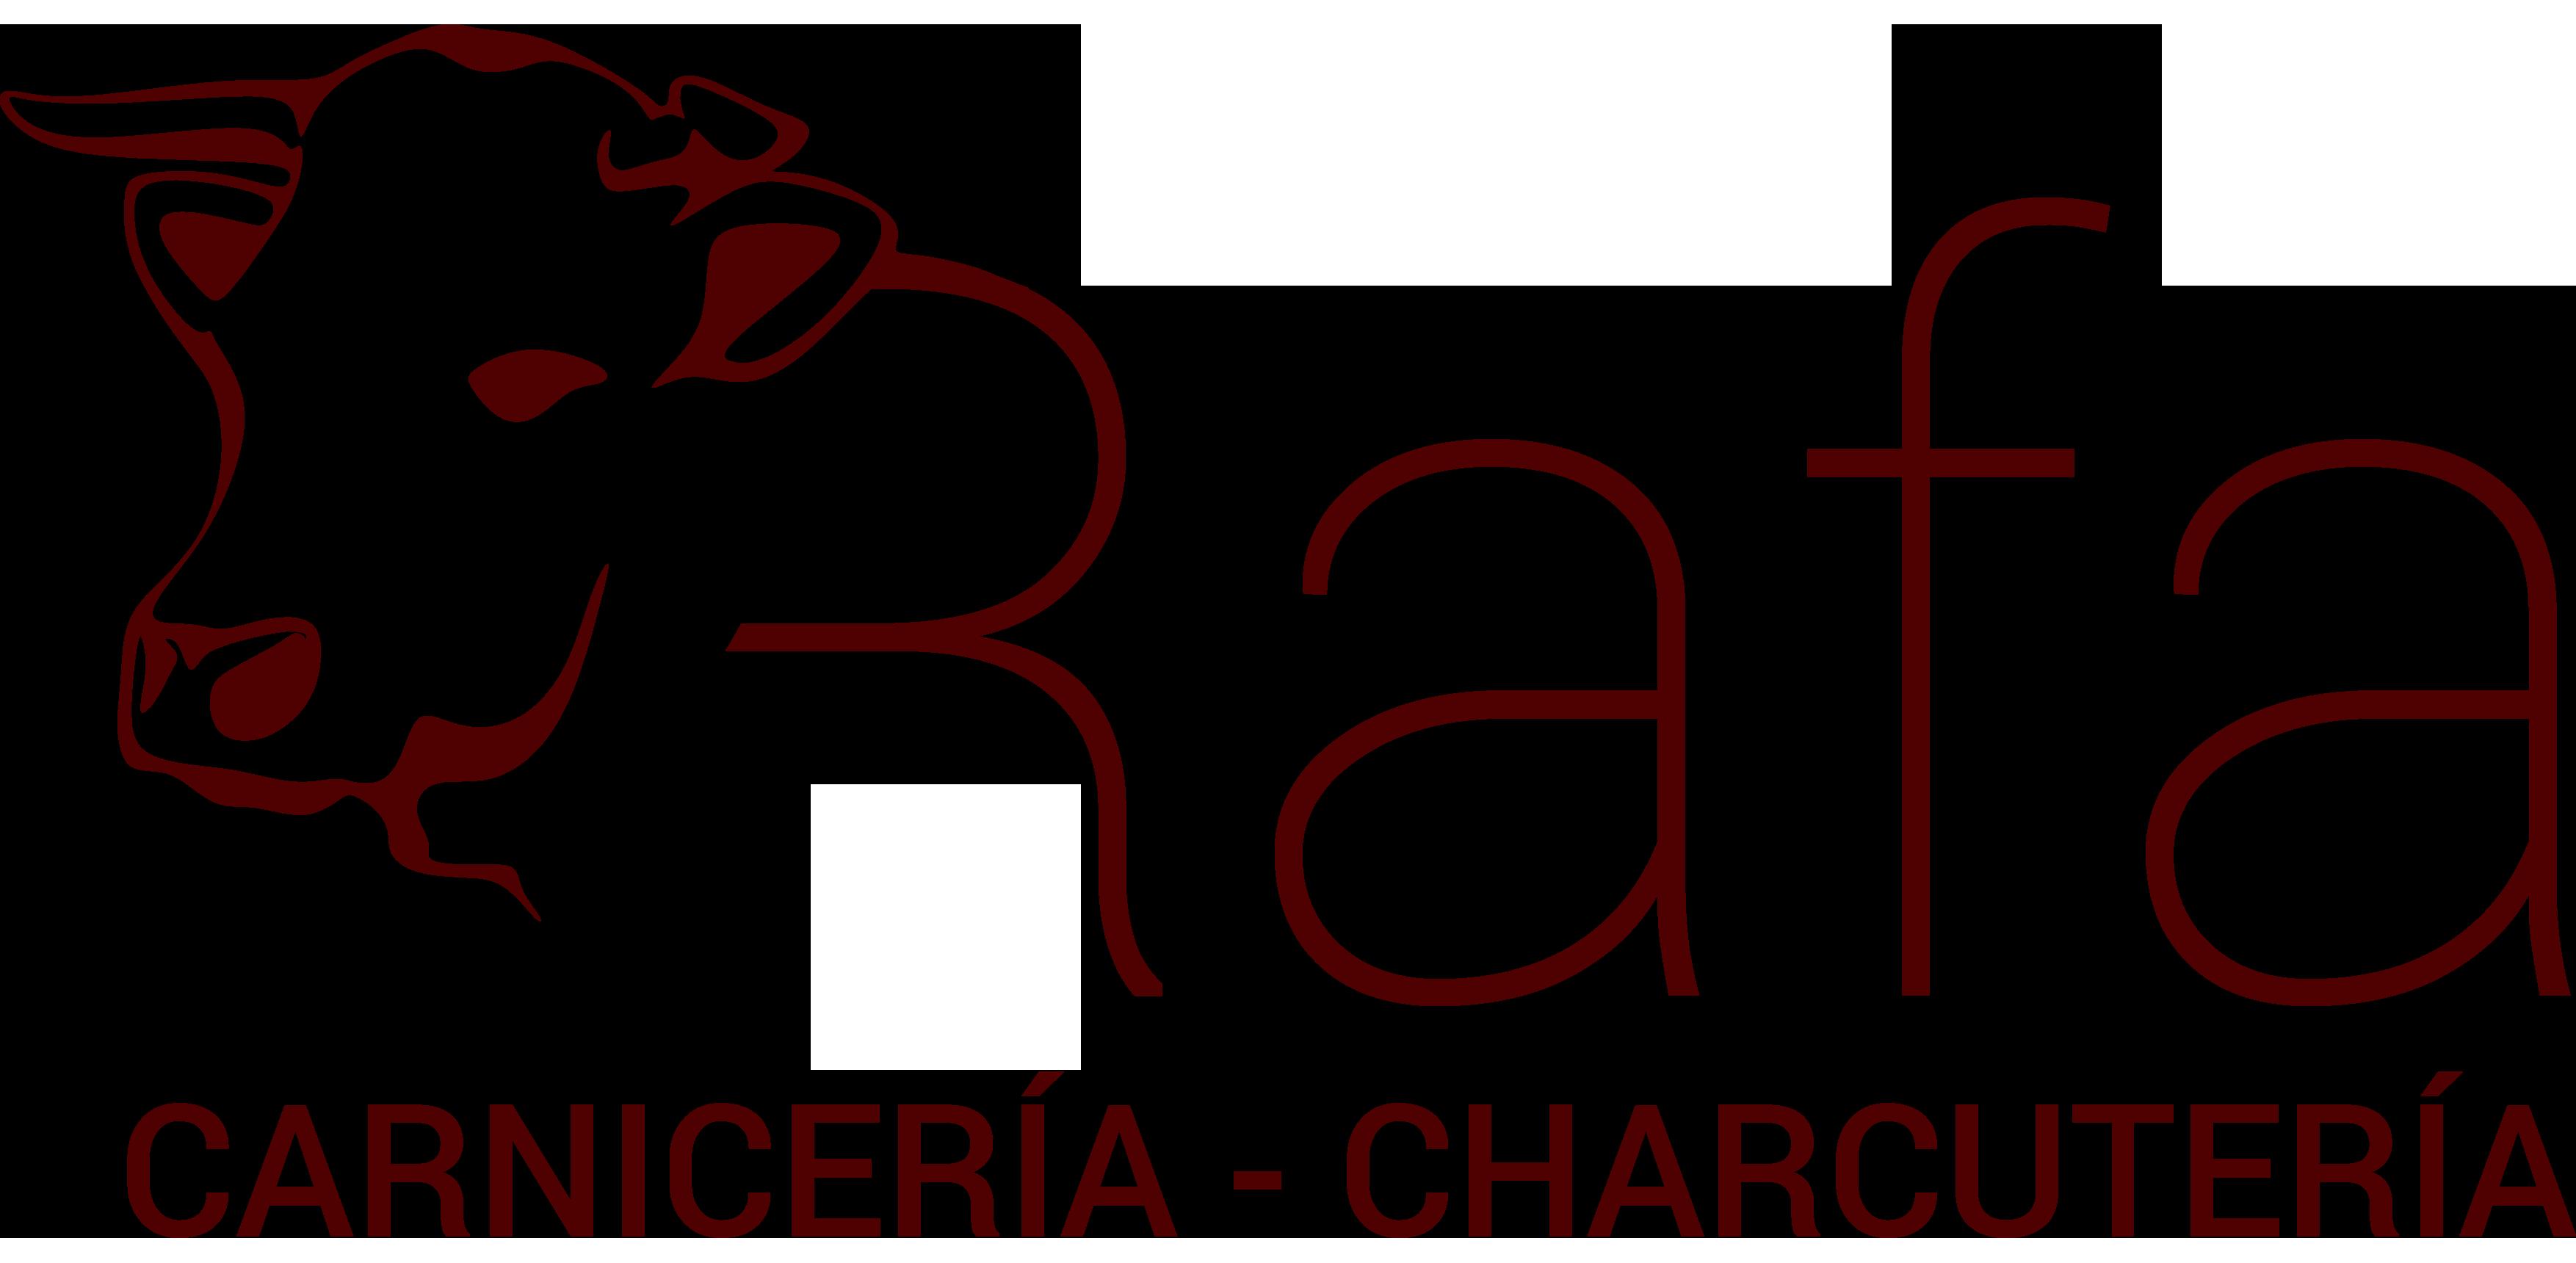 CARNICERÍA-RAFA